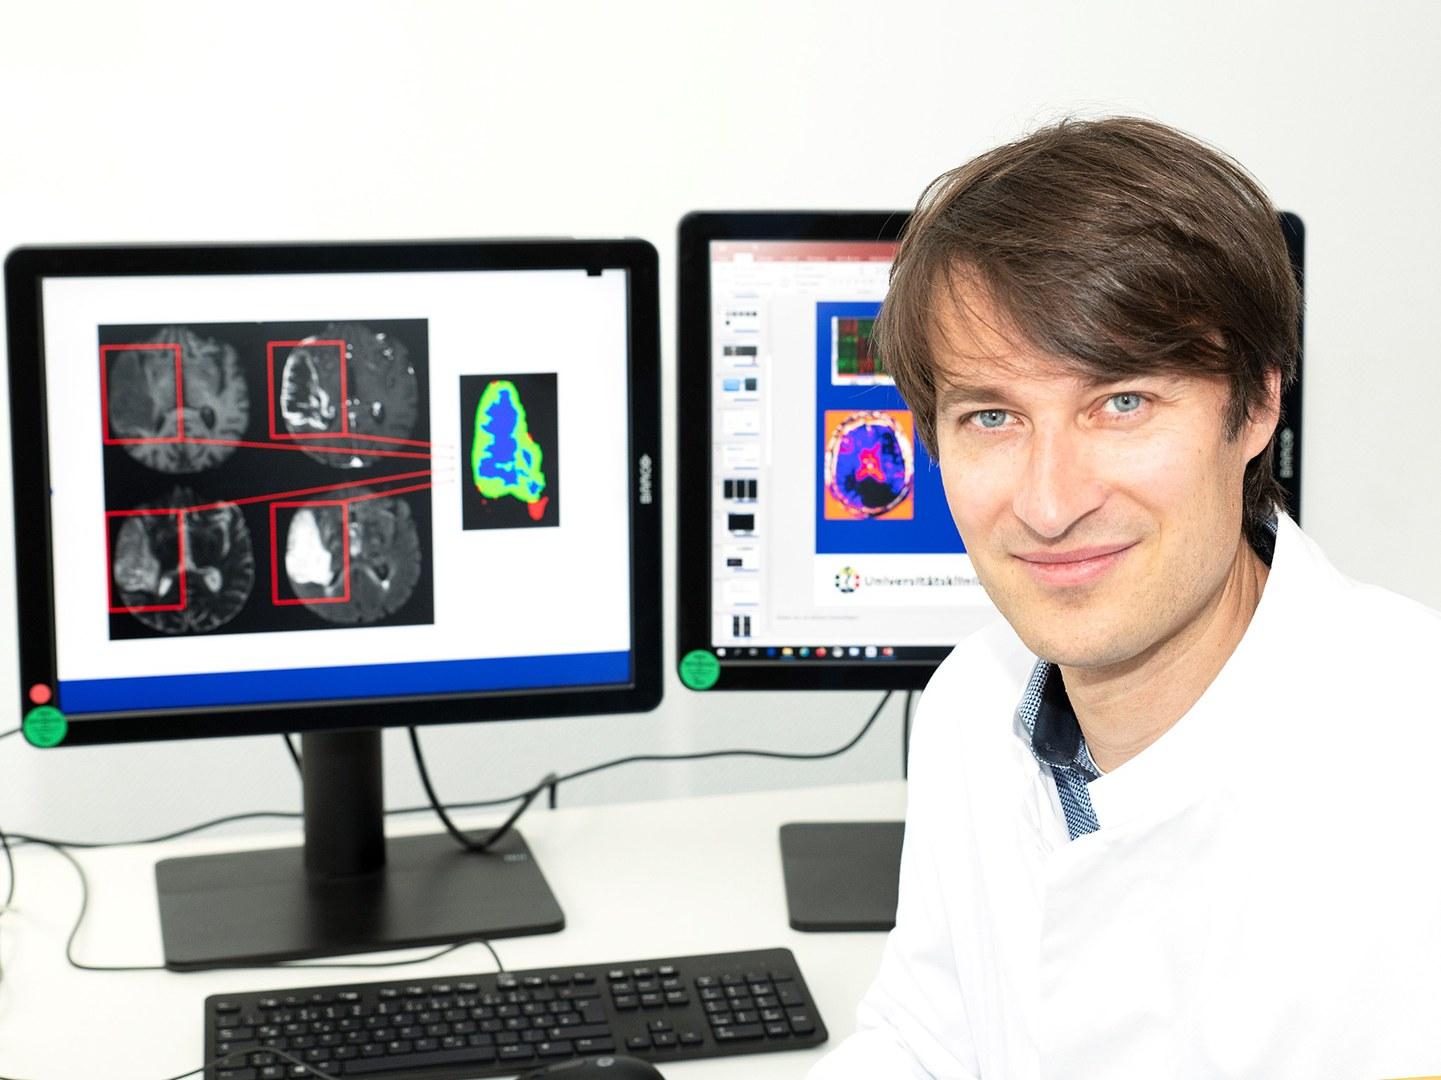 Spezialist forscht zu Künstlicher Intelligenz (KI) in der diagnostischen Radiologie: